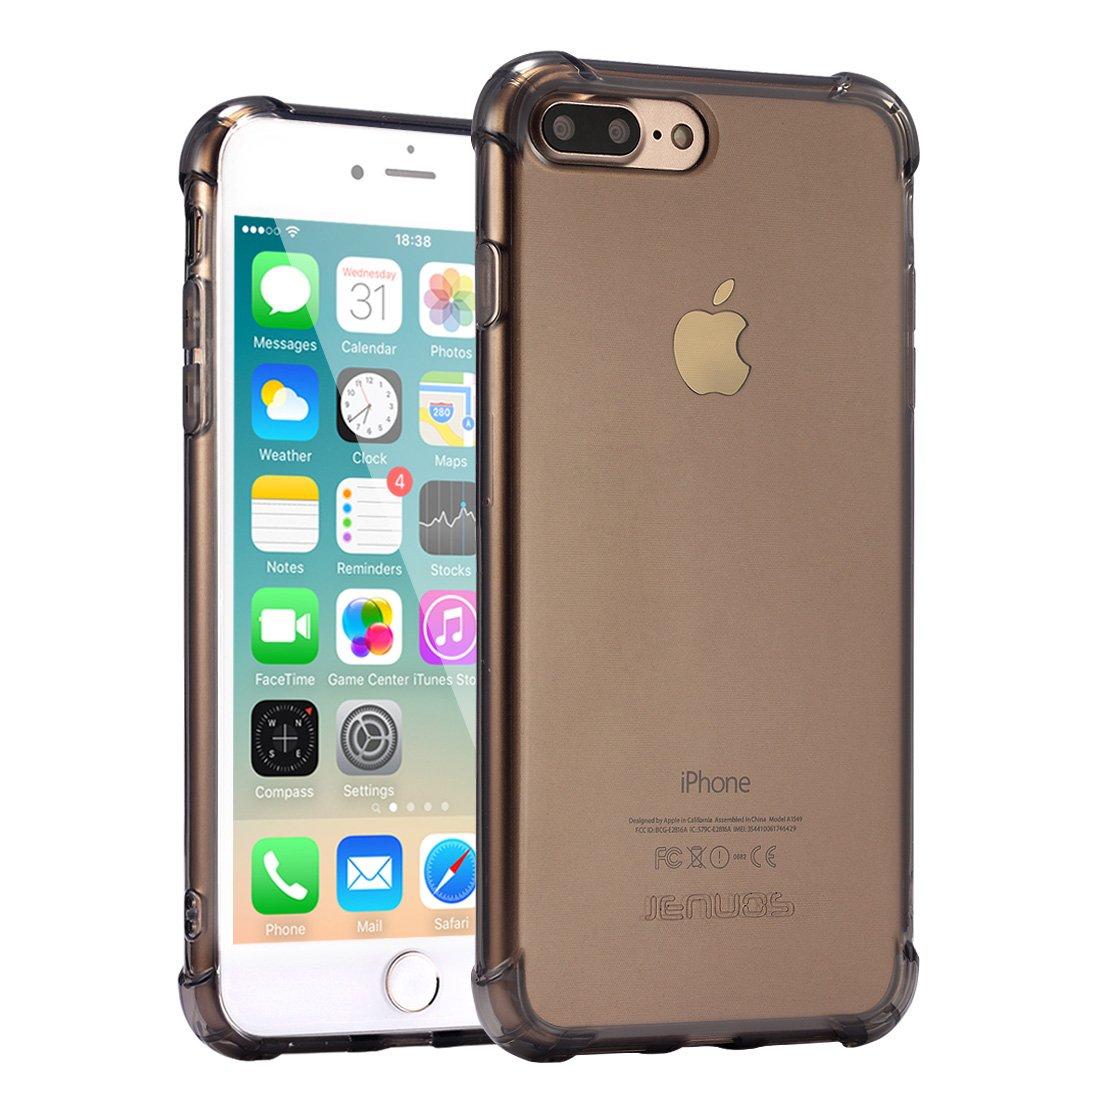 coque iphone 7 plus jenuos